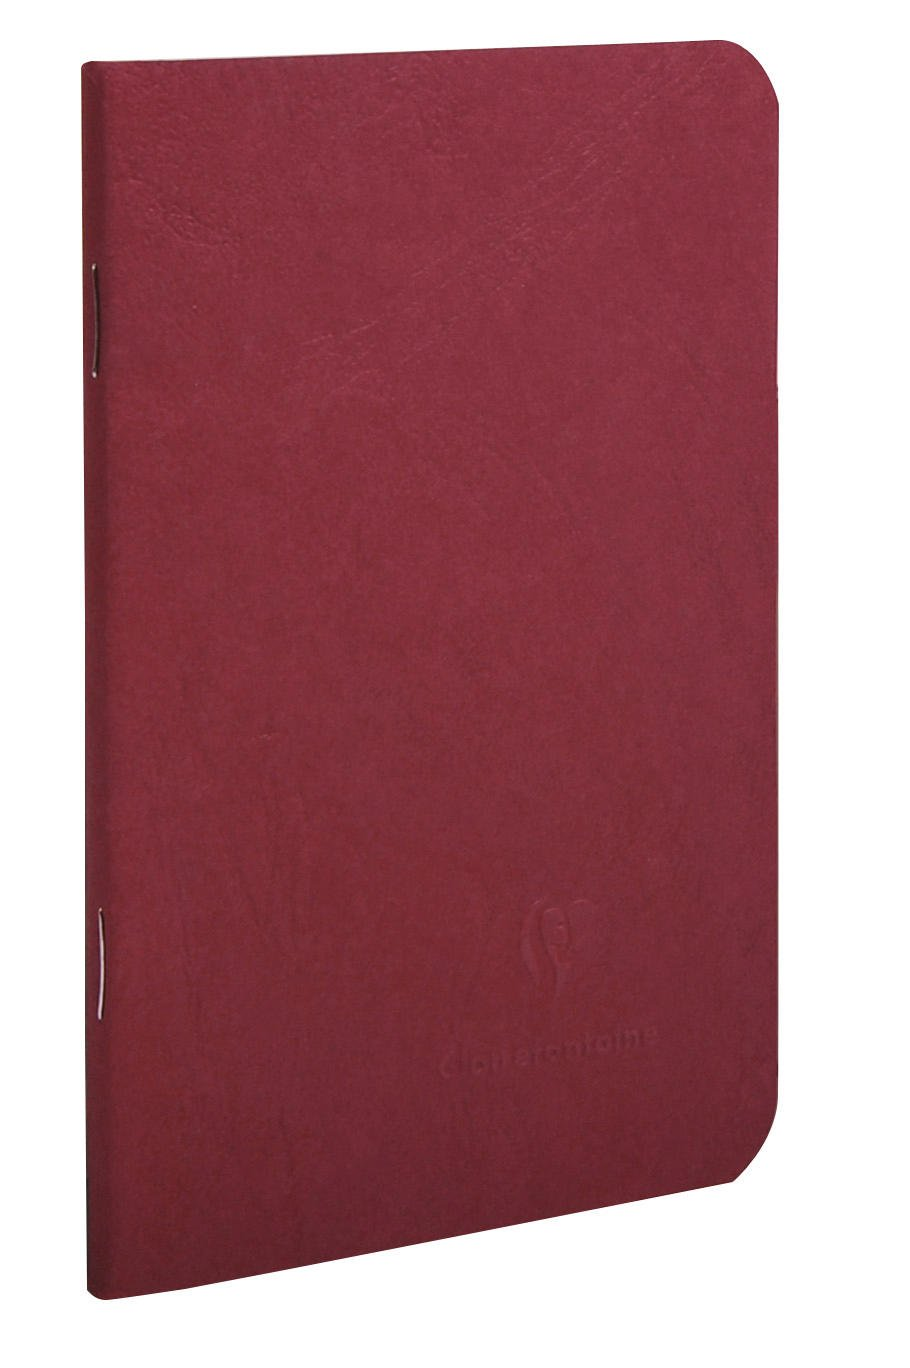 nero rilegato in borsa depoca Clairefontaine 733161C Libretto A5 foderato 48 fogli